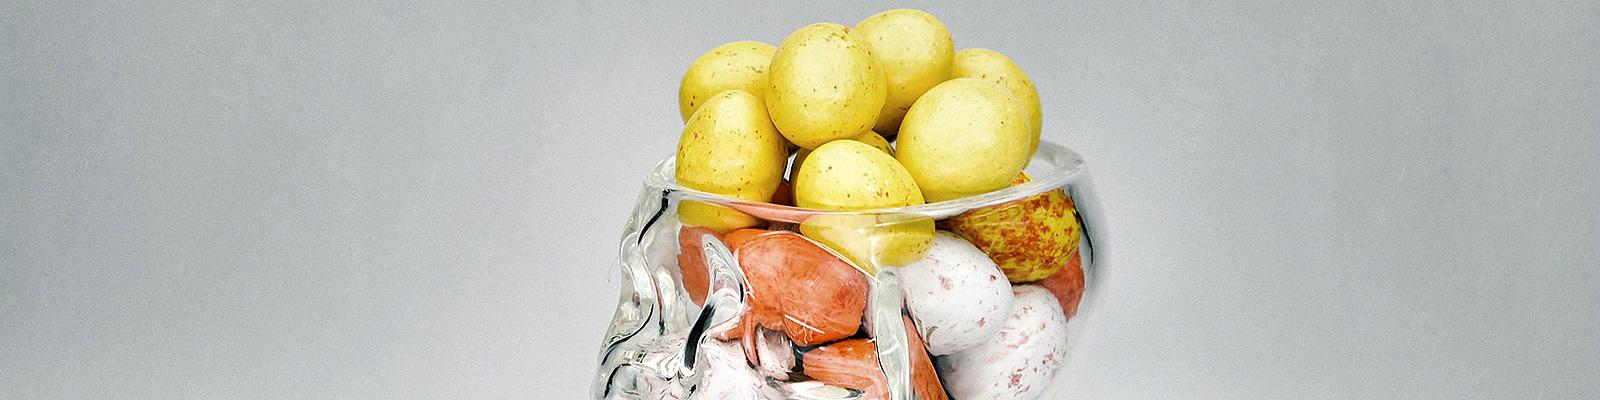 脳 金の卵 イメージ